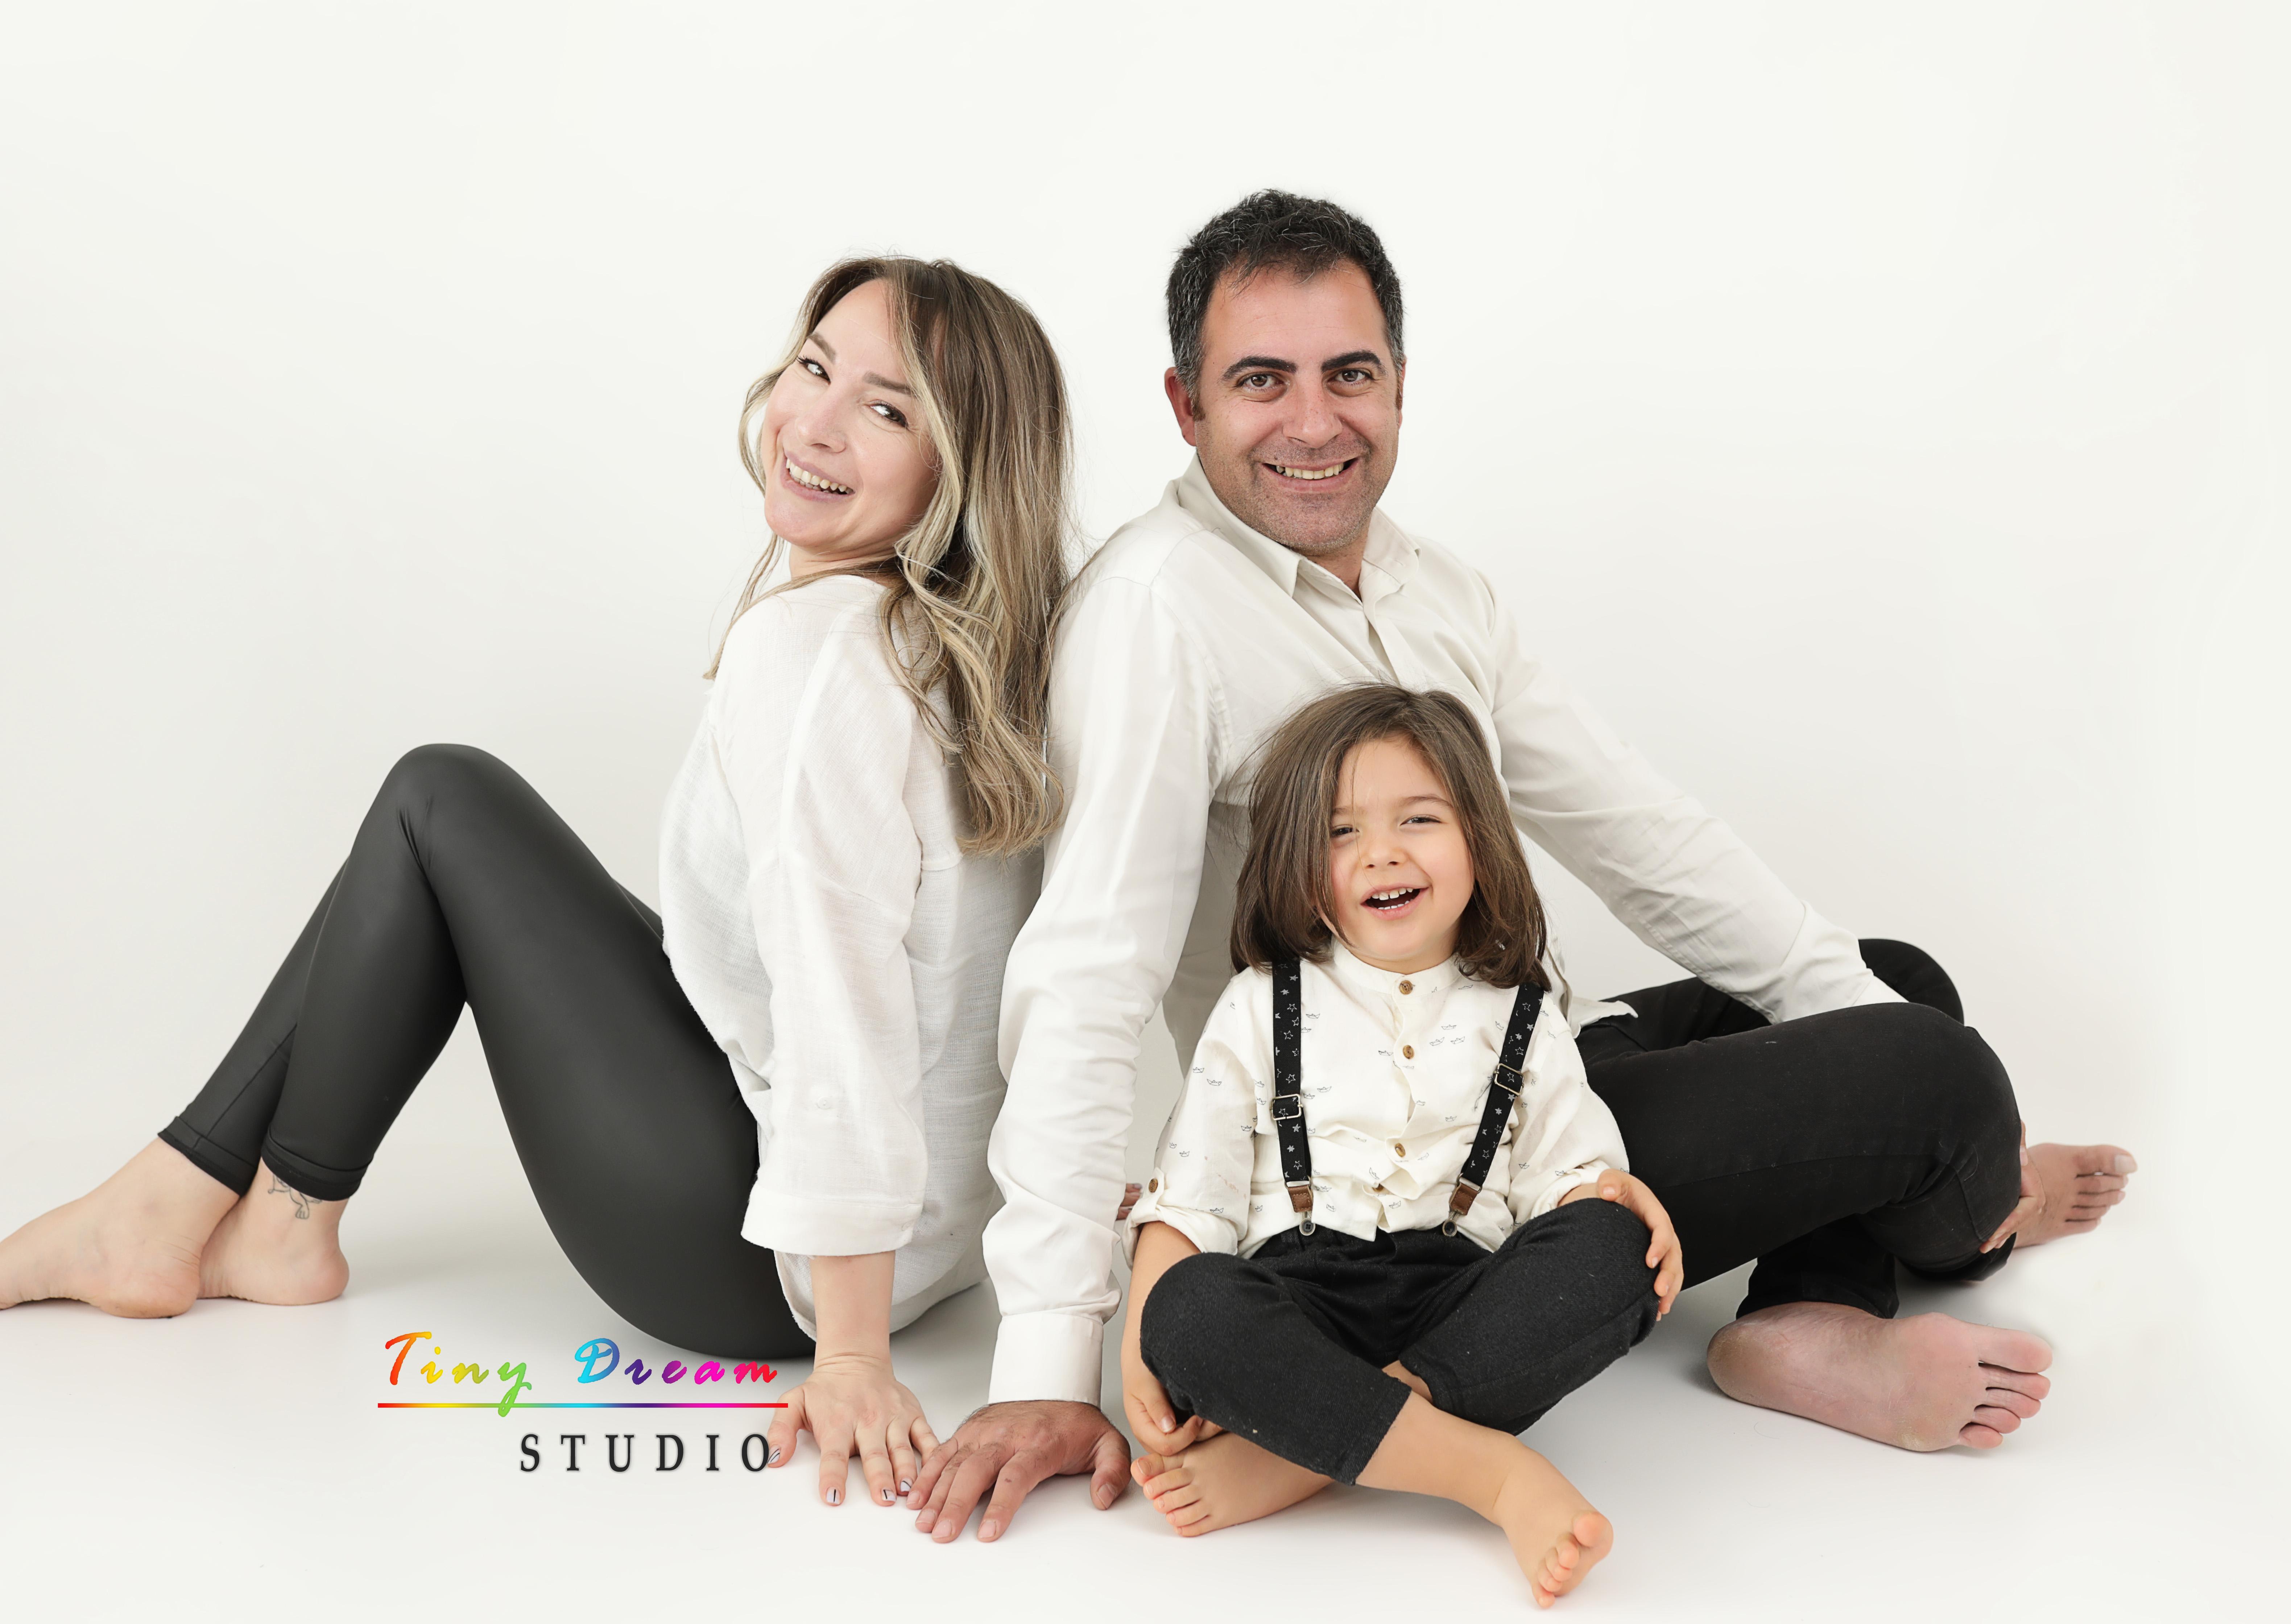 Aile çekimleri